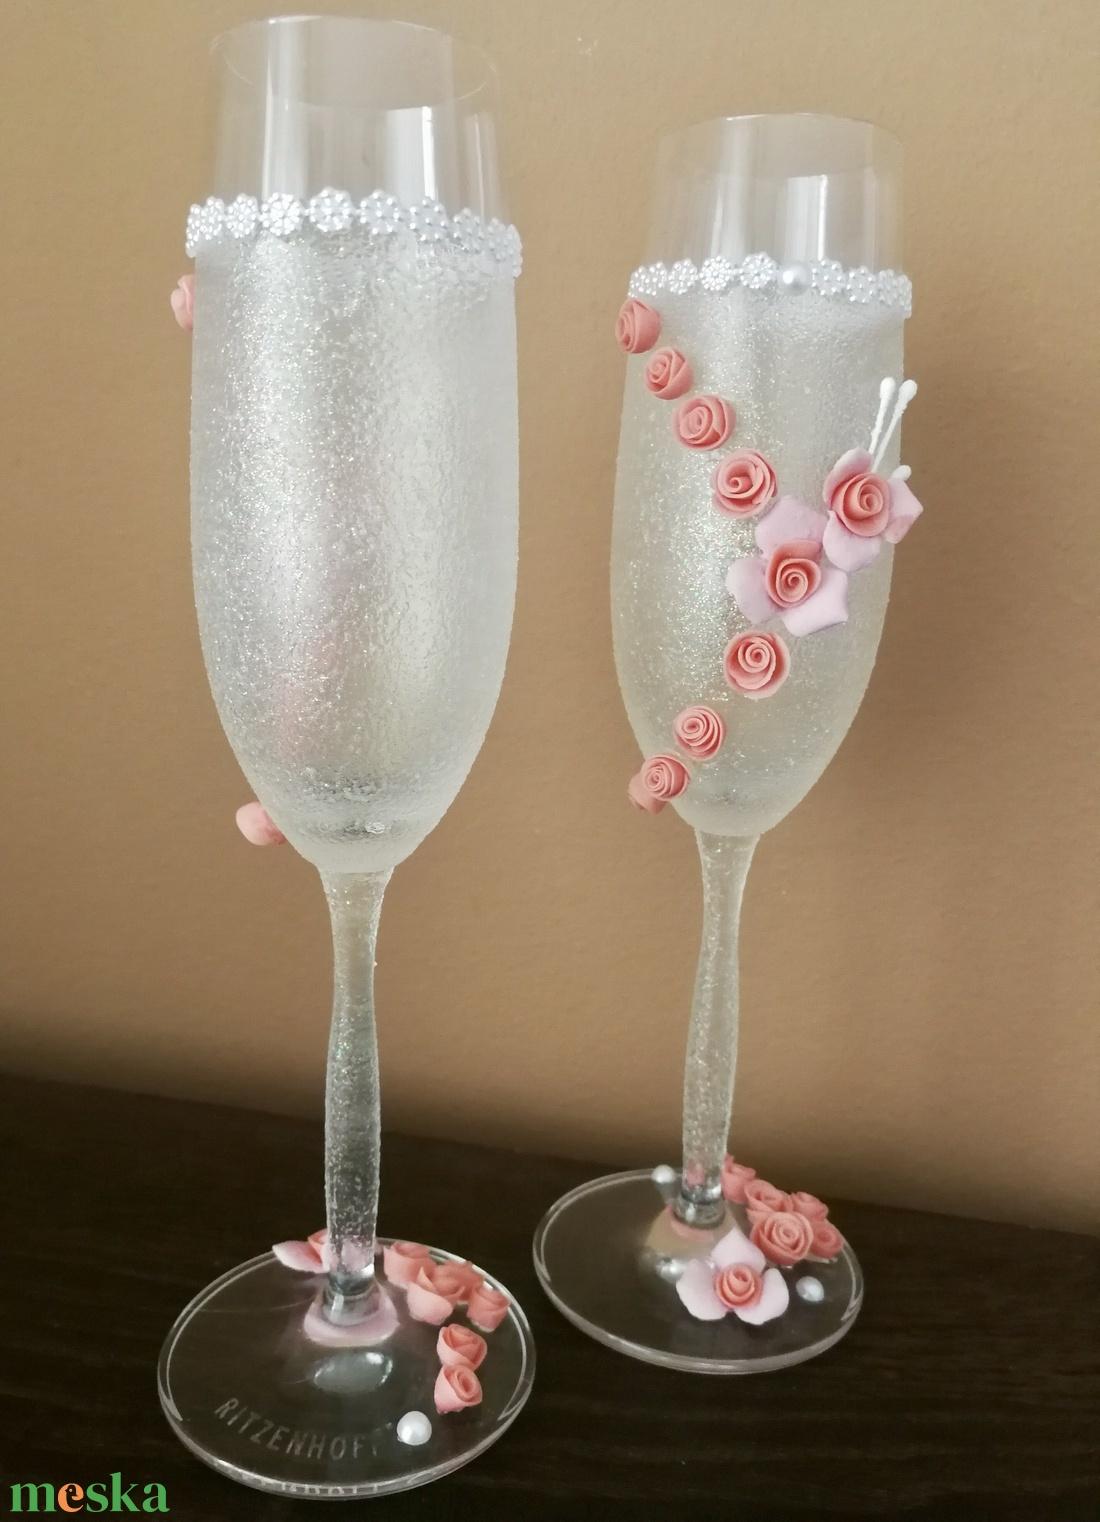 Egyedi esküvői pezsgőspoharak...  agyagvirágokkal díszítve ! - esküvő - dekoráció - tálalás - Meska.hu